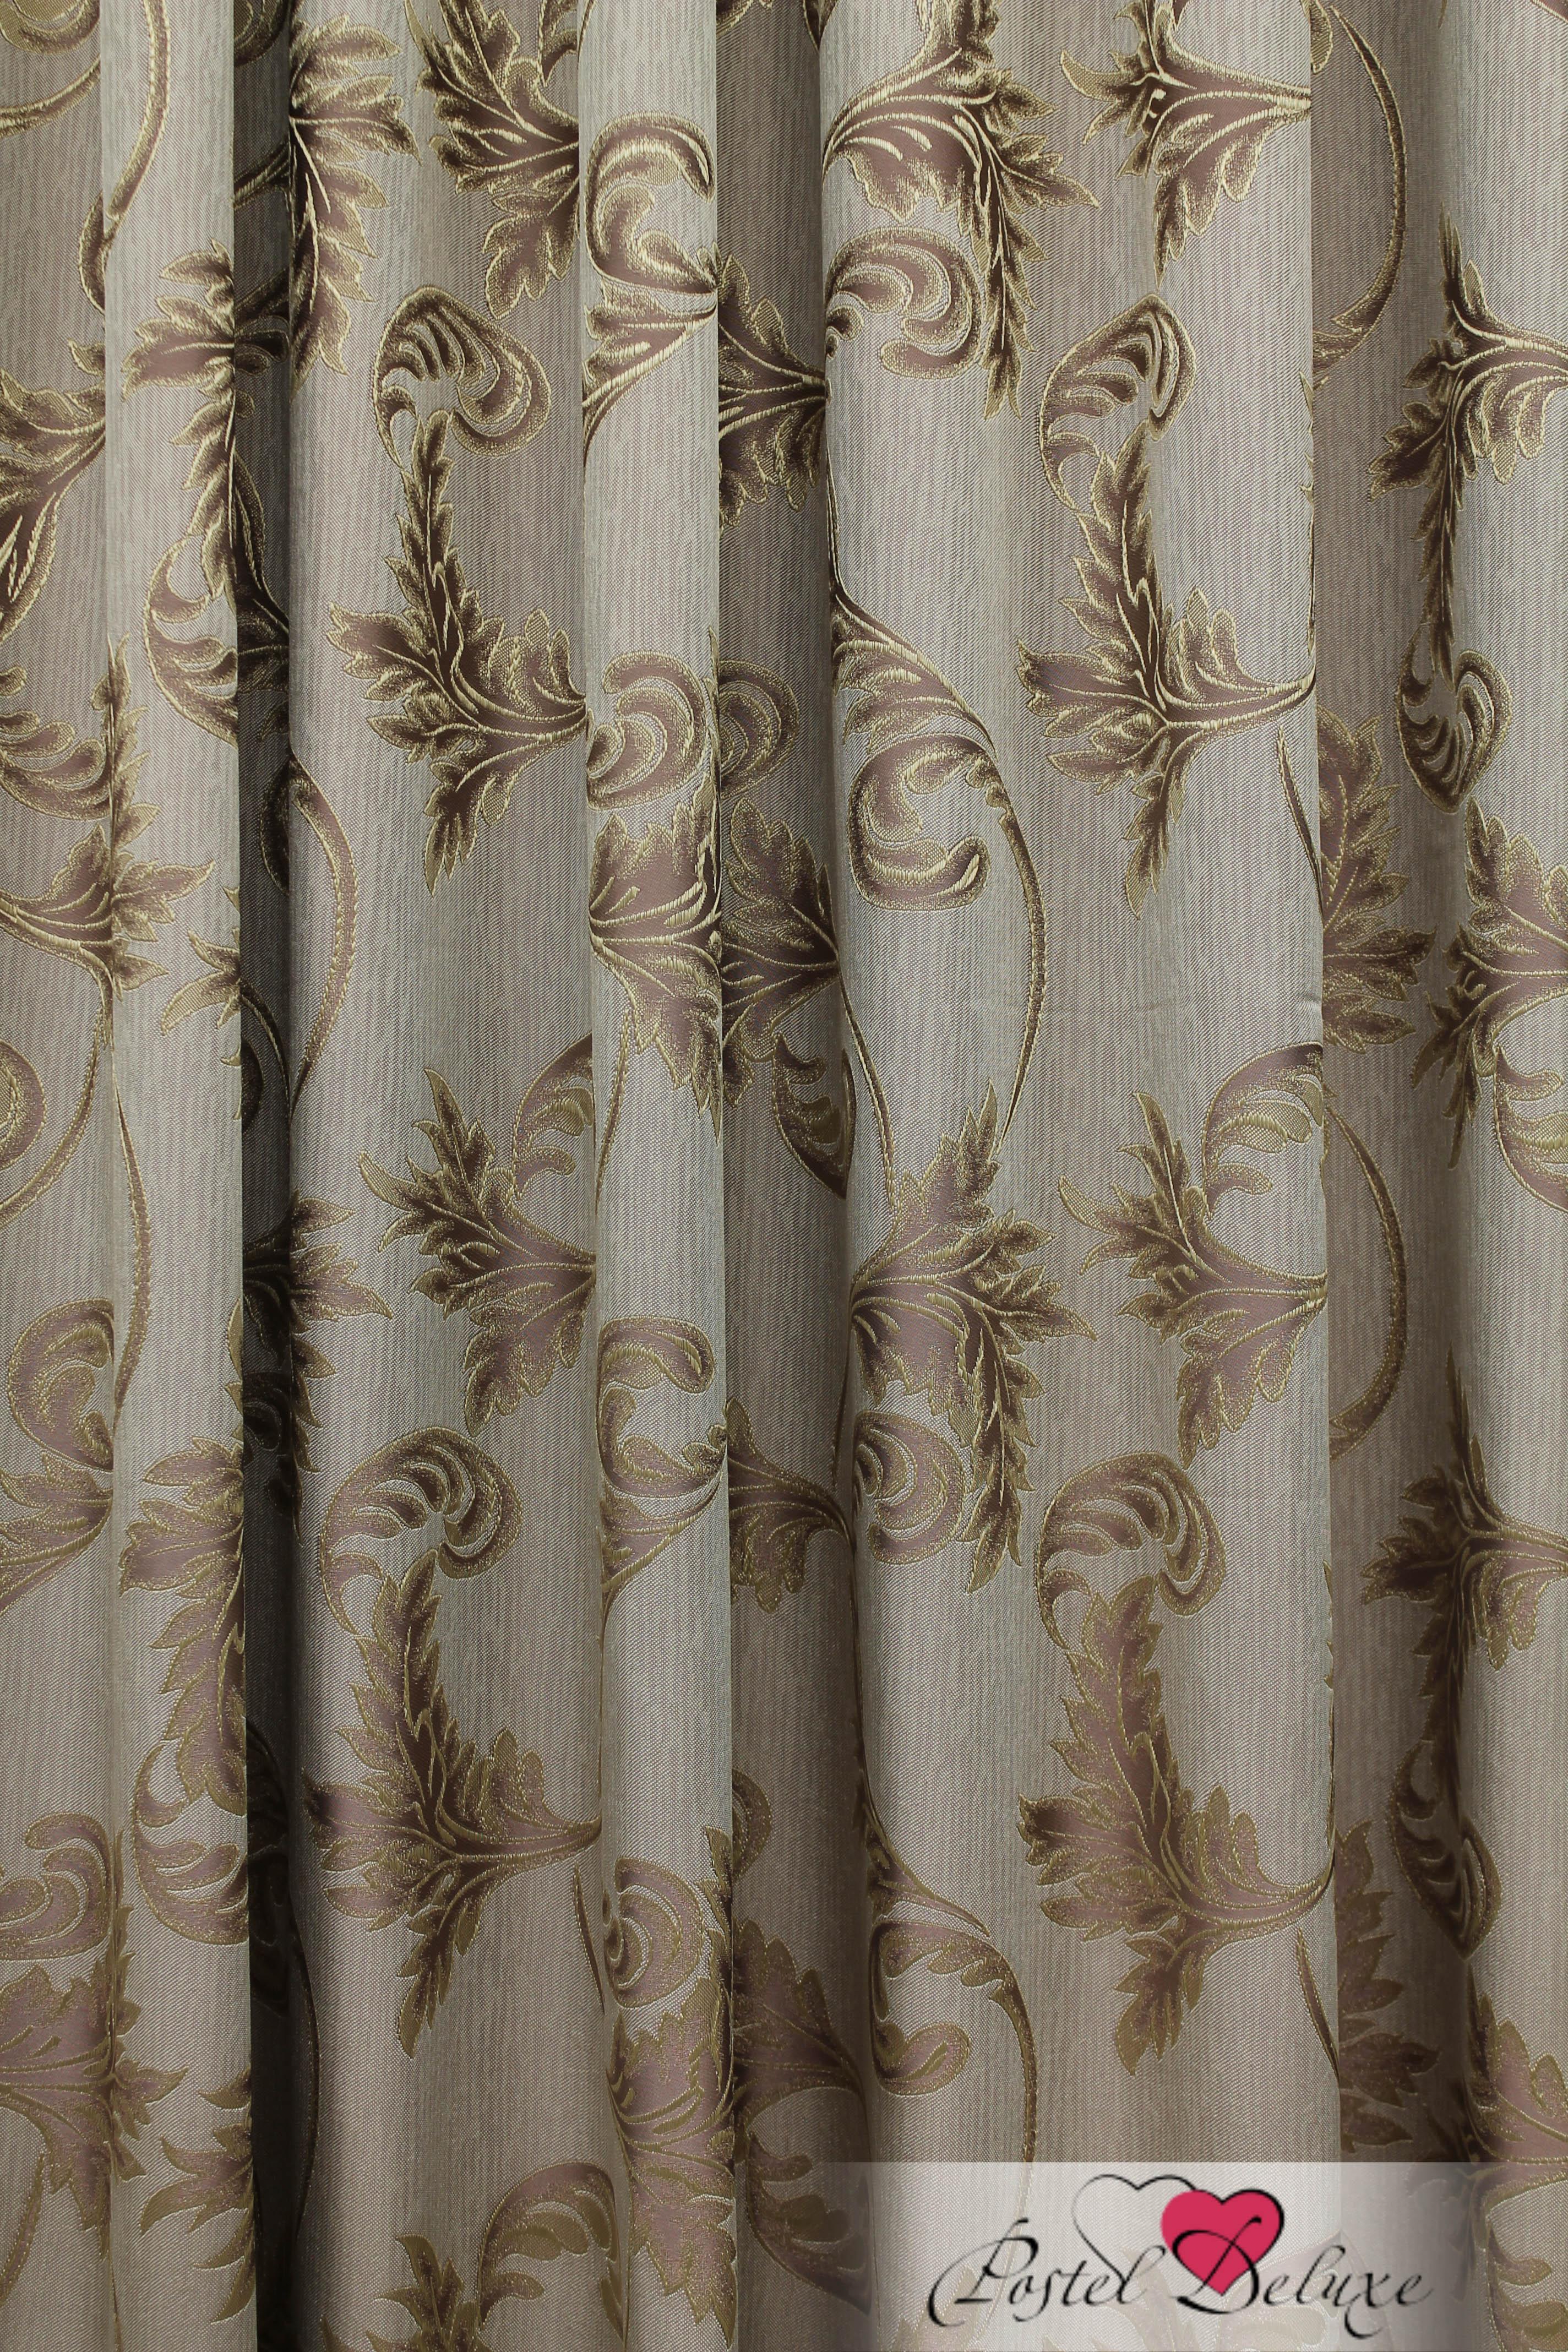 Шторы Sanpa Классические шторы Дебора Цвет: Пыльная Роза шторы tac классические шторы winx цвет персиковый 200x265 см